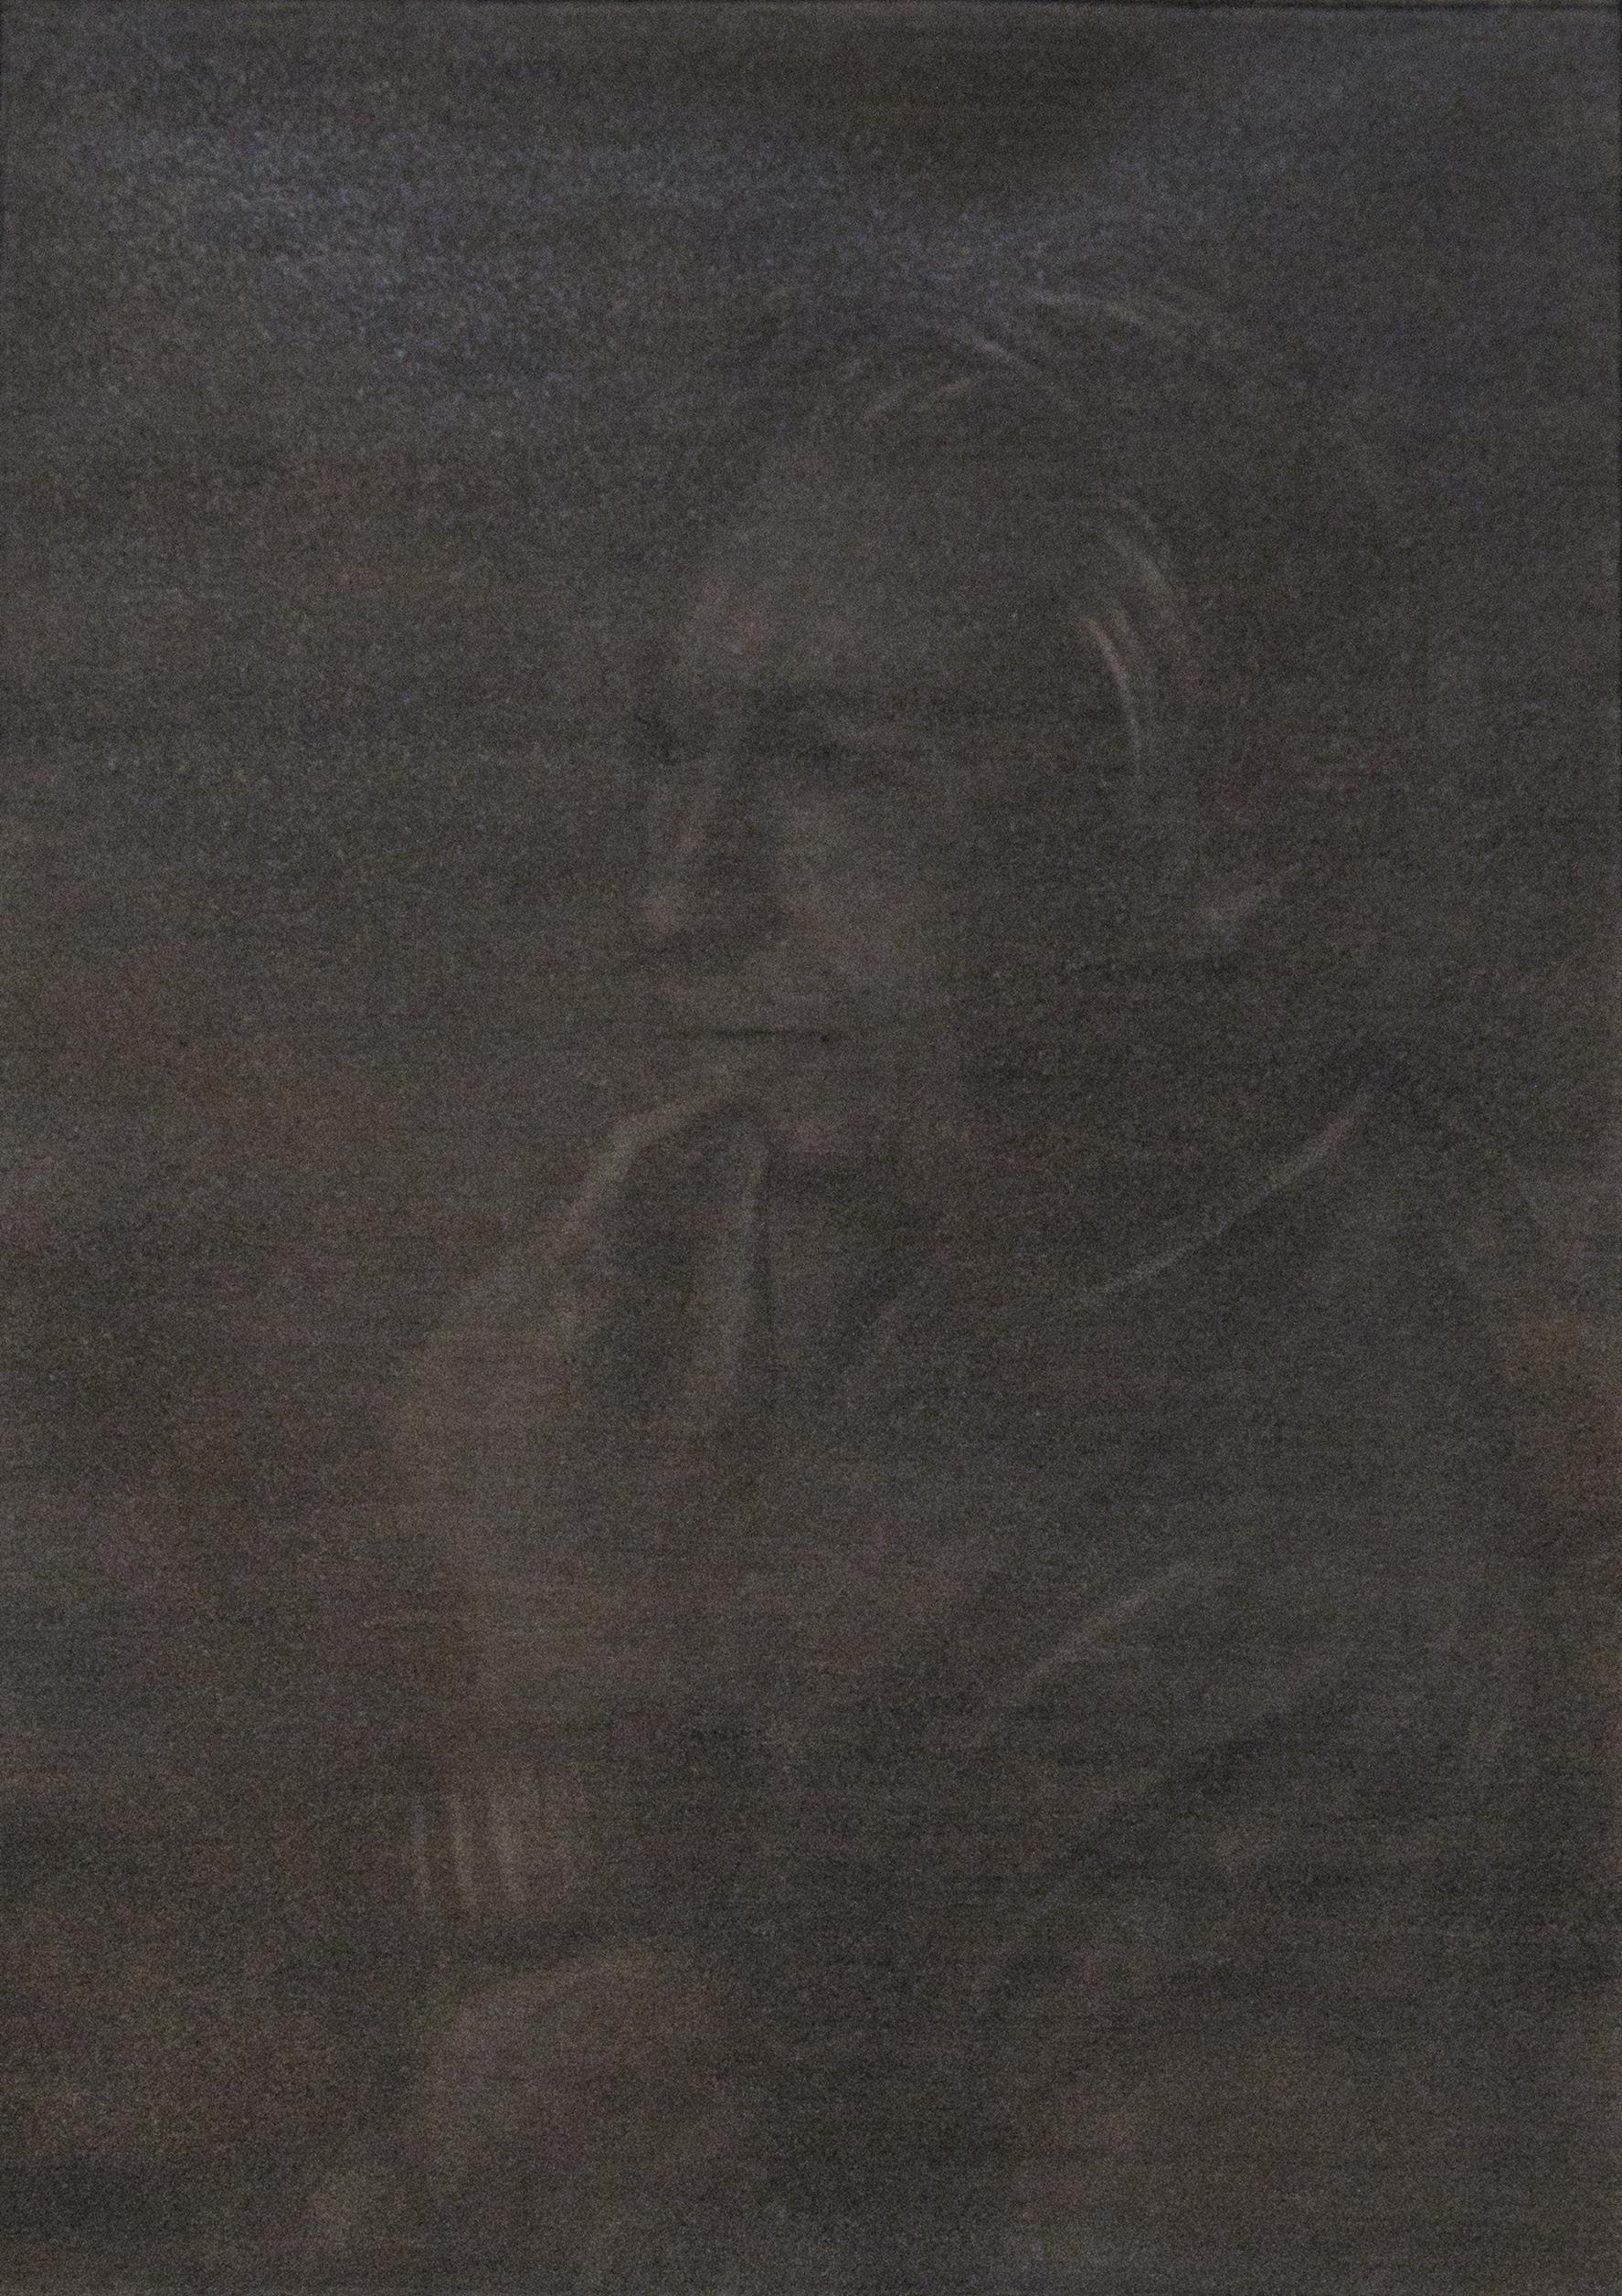 """Jérémie Bennequin, """"Roland Barthes"""", fusain sur papier, 20 x 29 cm, 2015"""